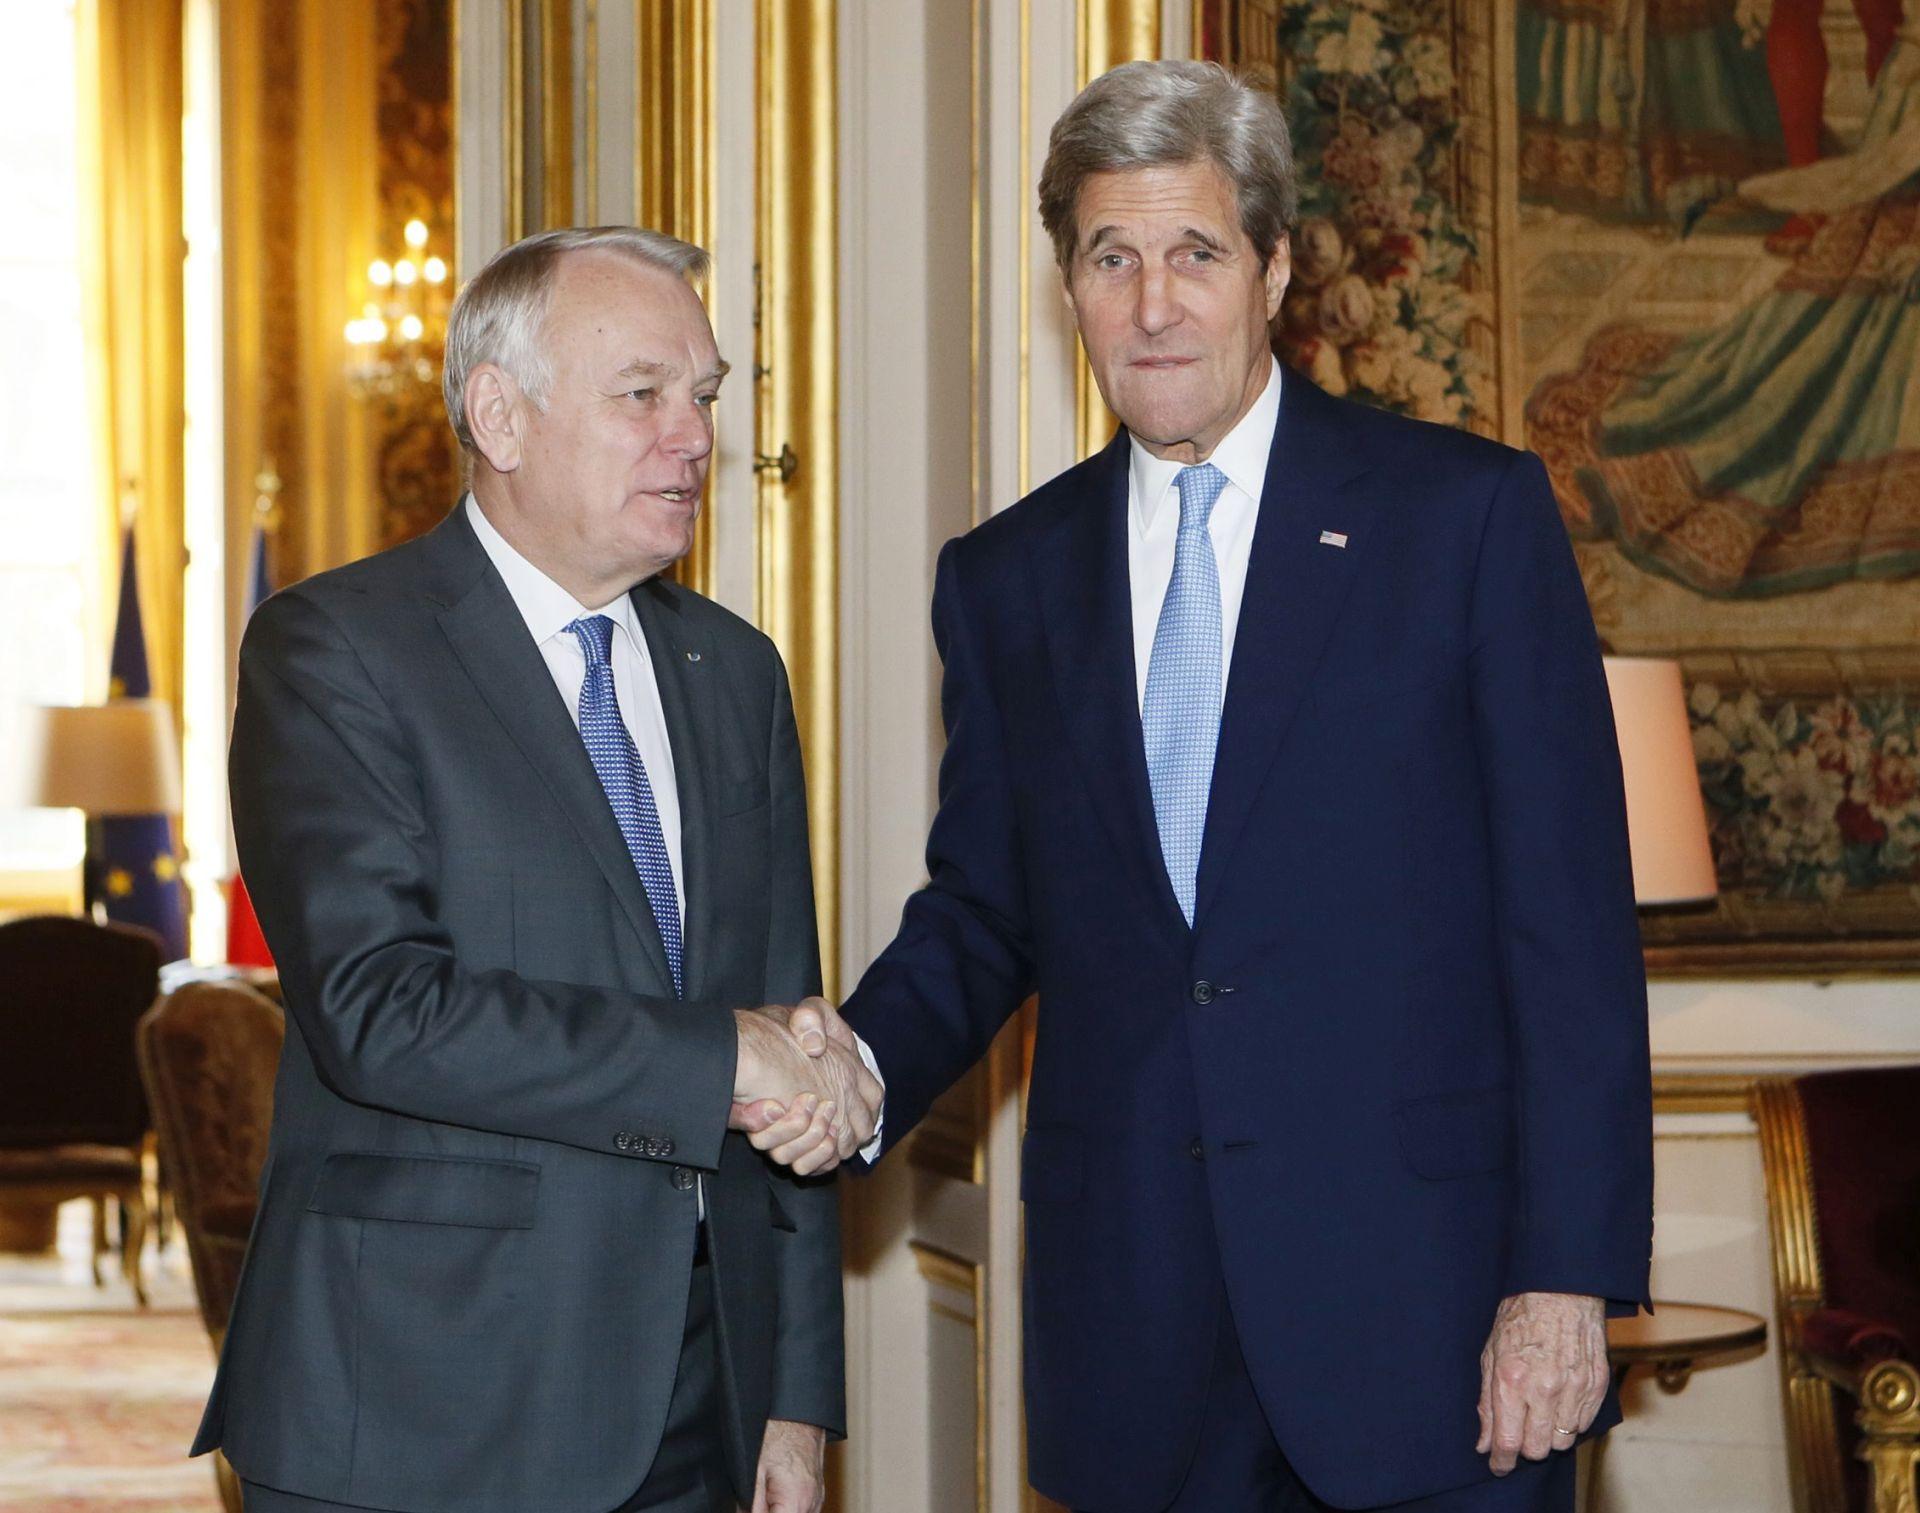 PROVOKACIJA SIRIJSKE VLADE: SAD i Francuska upozoravaju Damask da poštuje dogovor